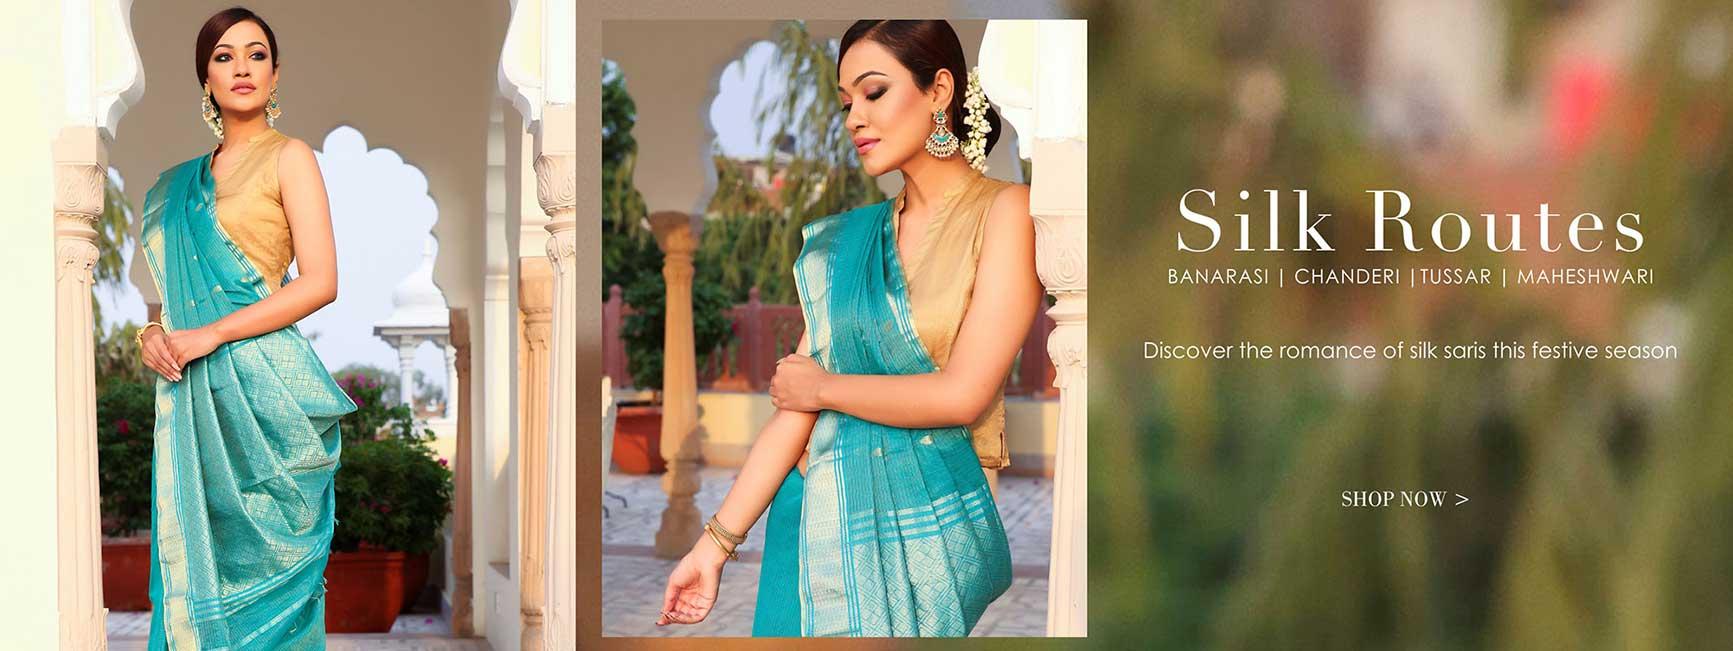 Women Sari